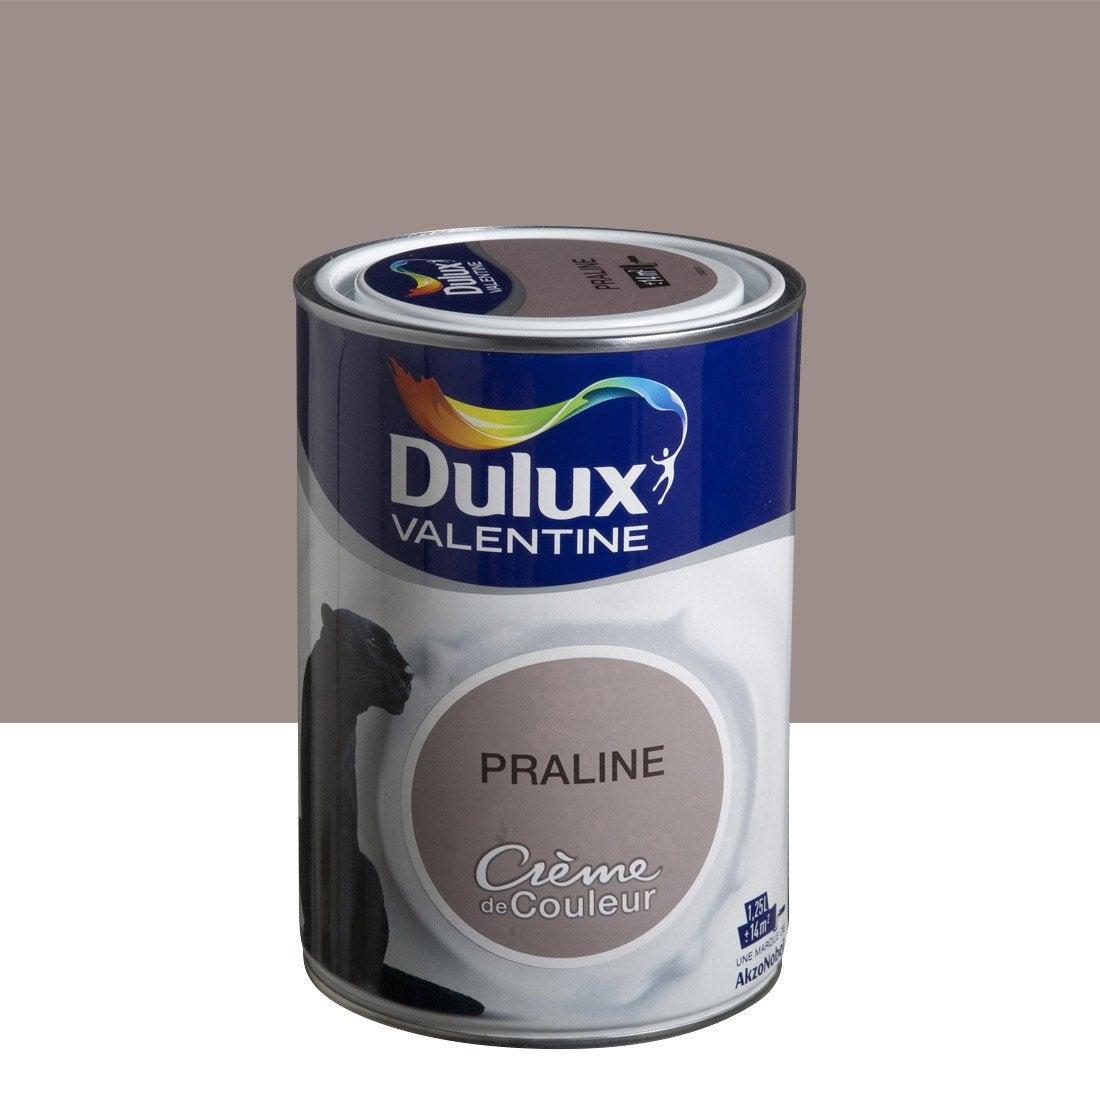 Peinture brun praline dulux valentine cr me de couleur 1 for Couleur marron glace peinture